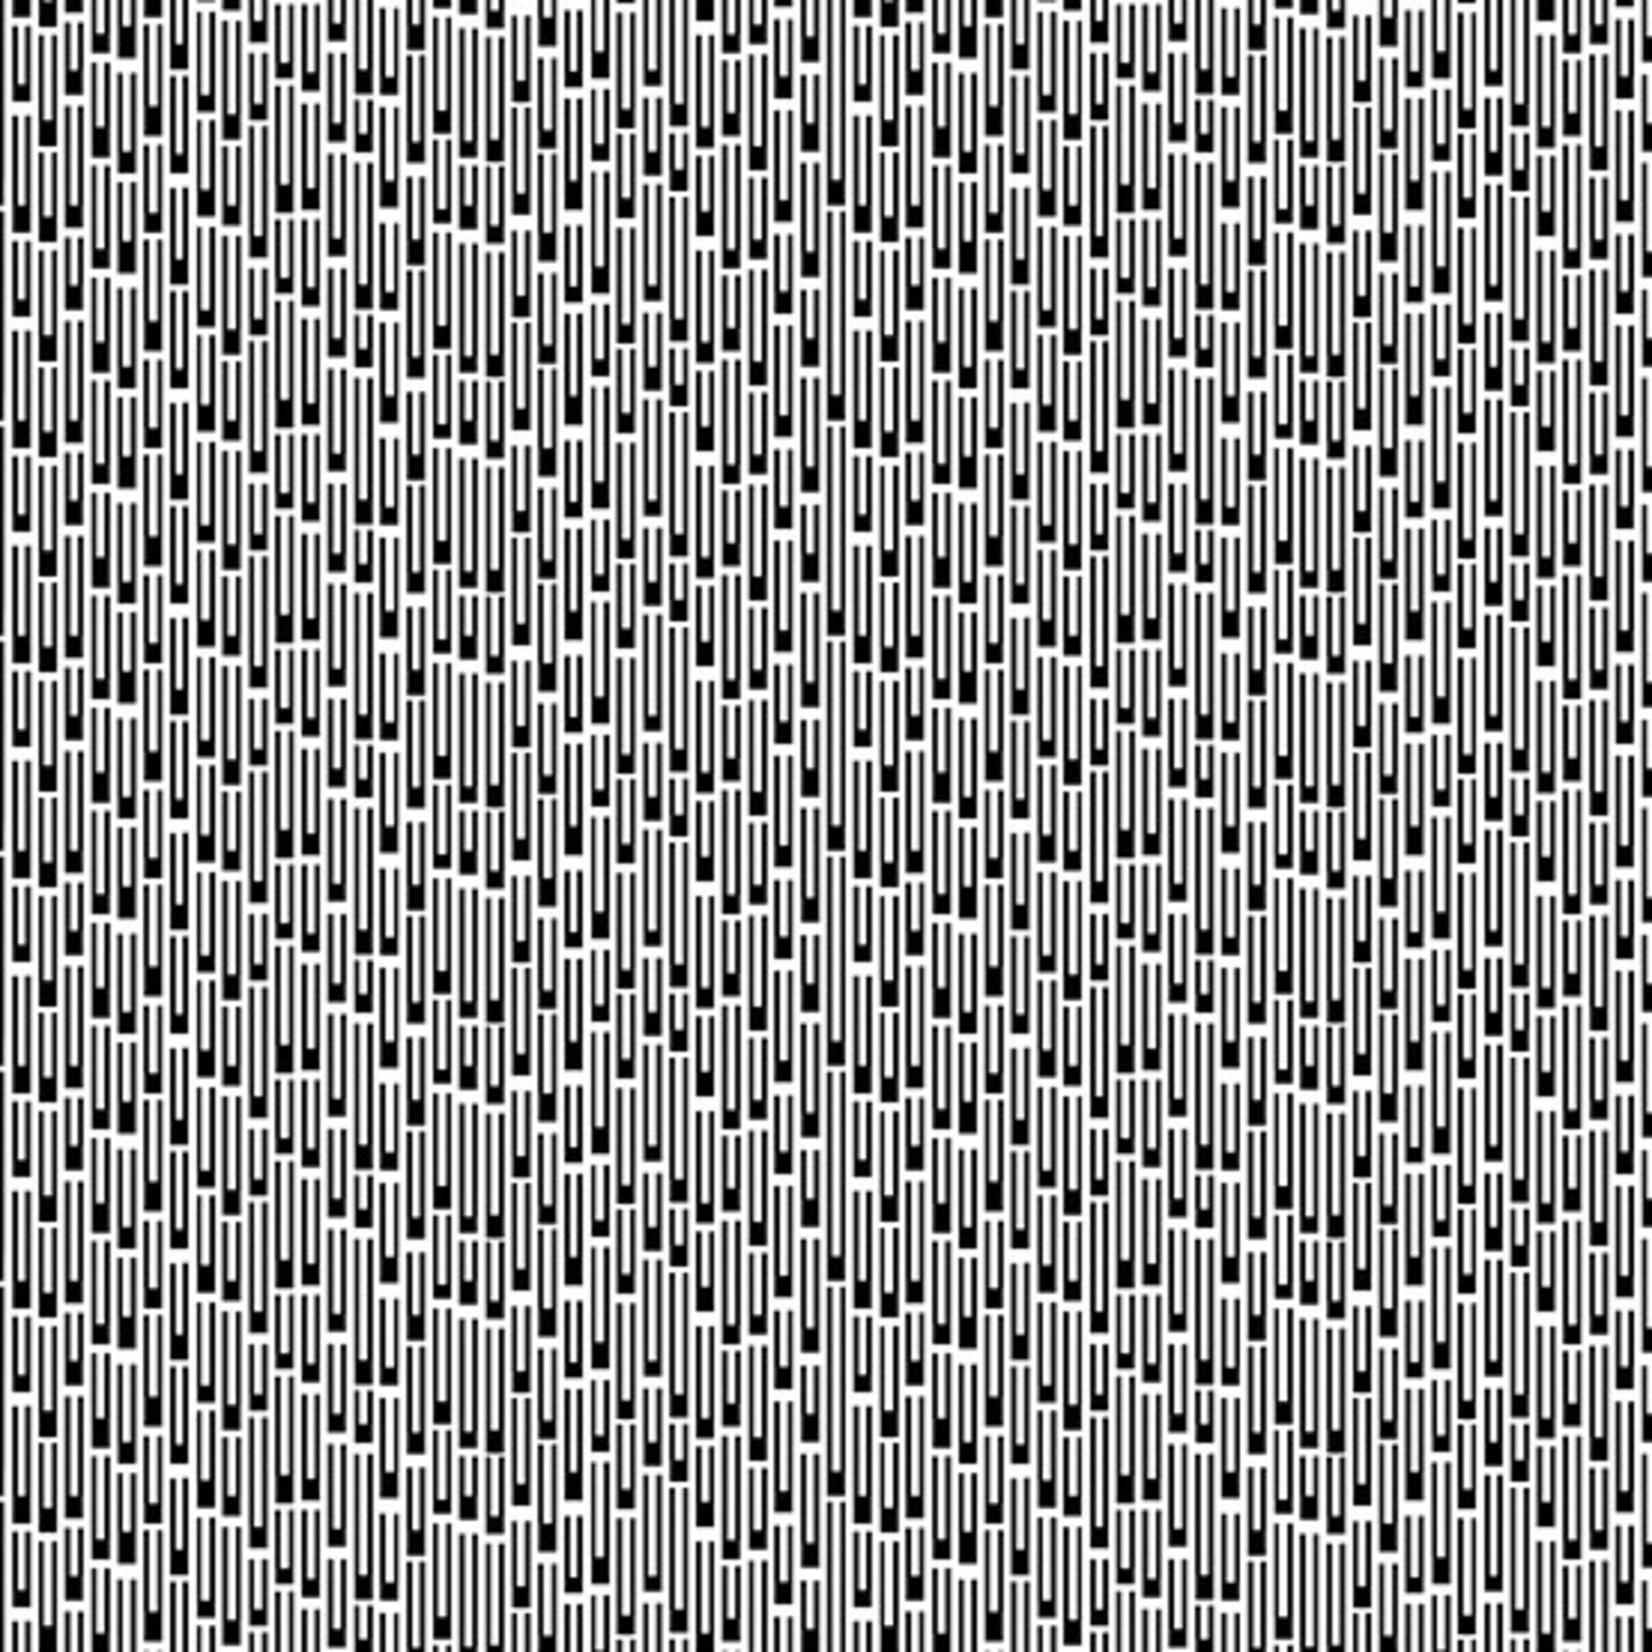 Andover Century Black on White, Rain Texture CS-9694-L $0.18 per cm or $18/m